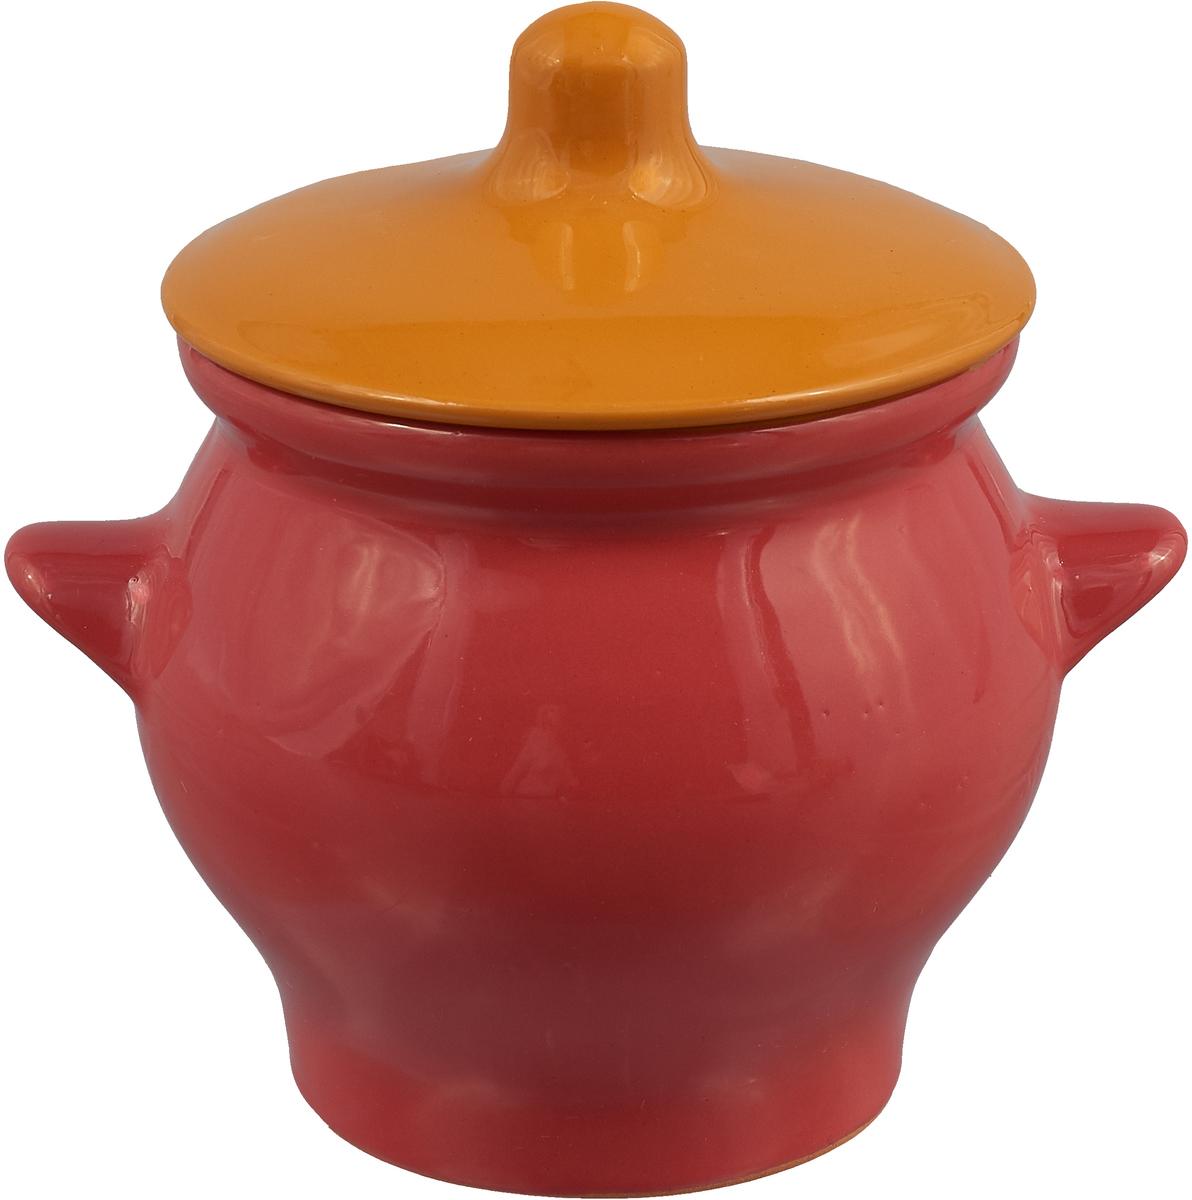 цена на Горшок для жаркого Борисовская керамика